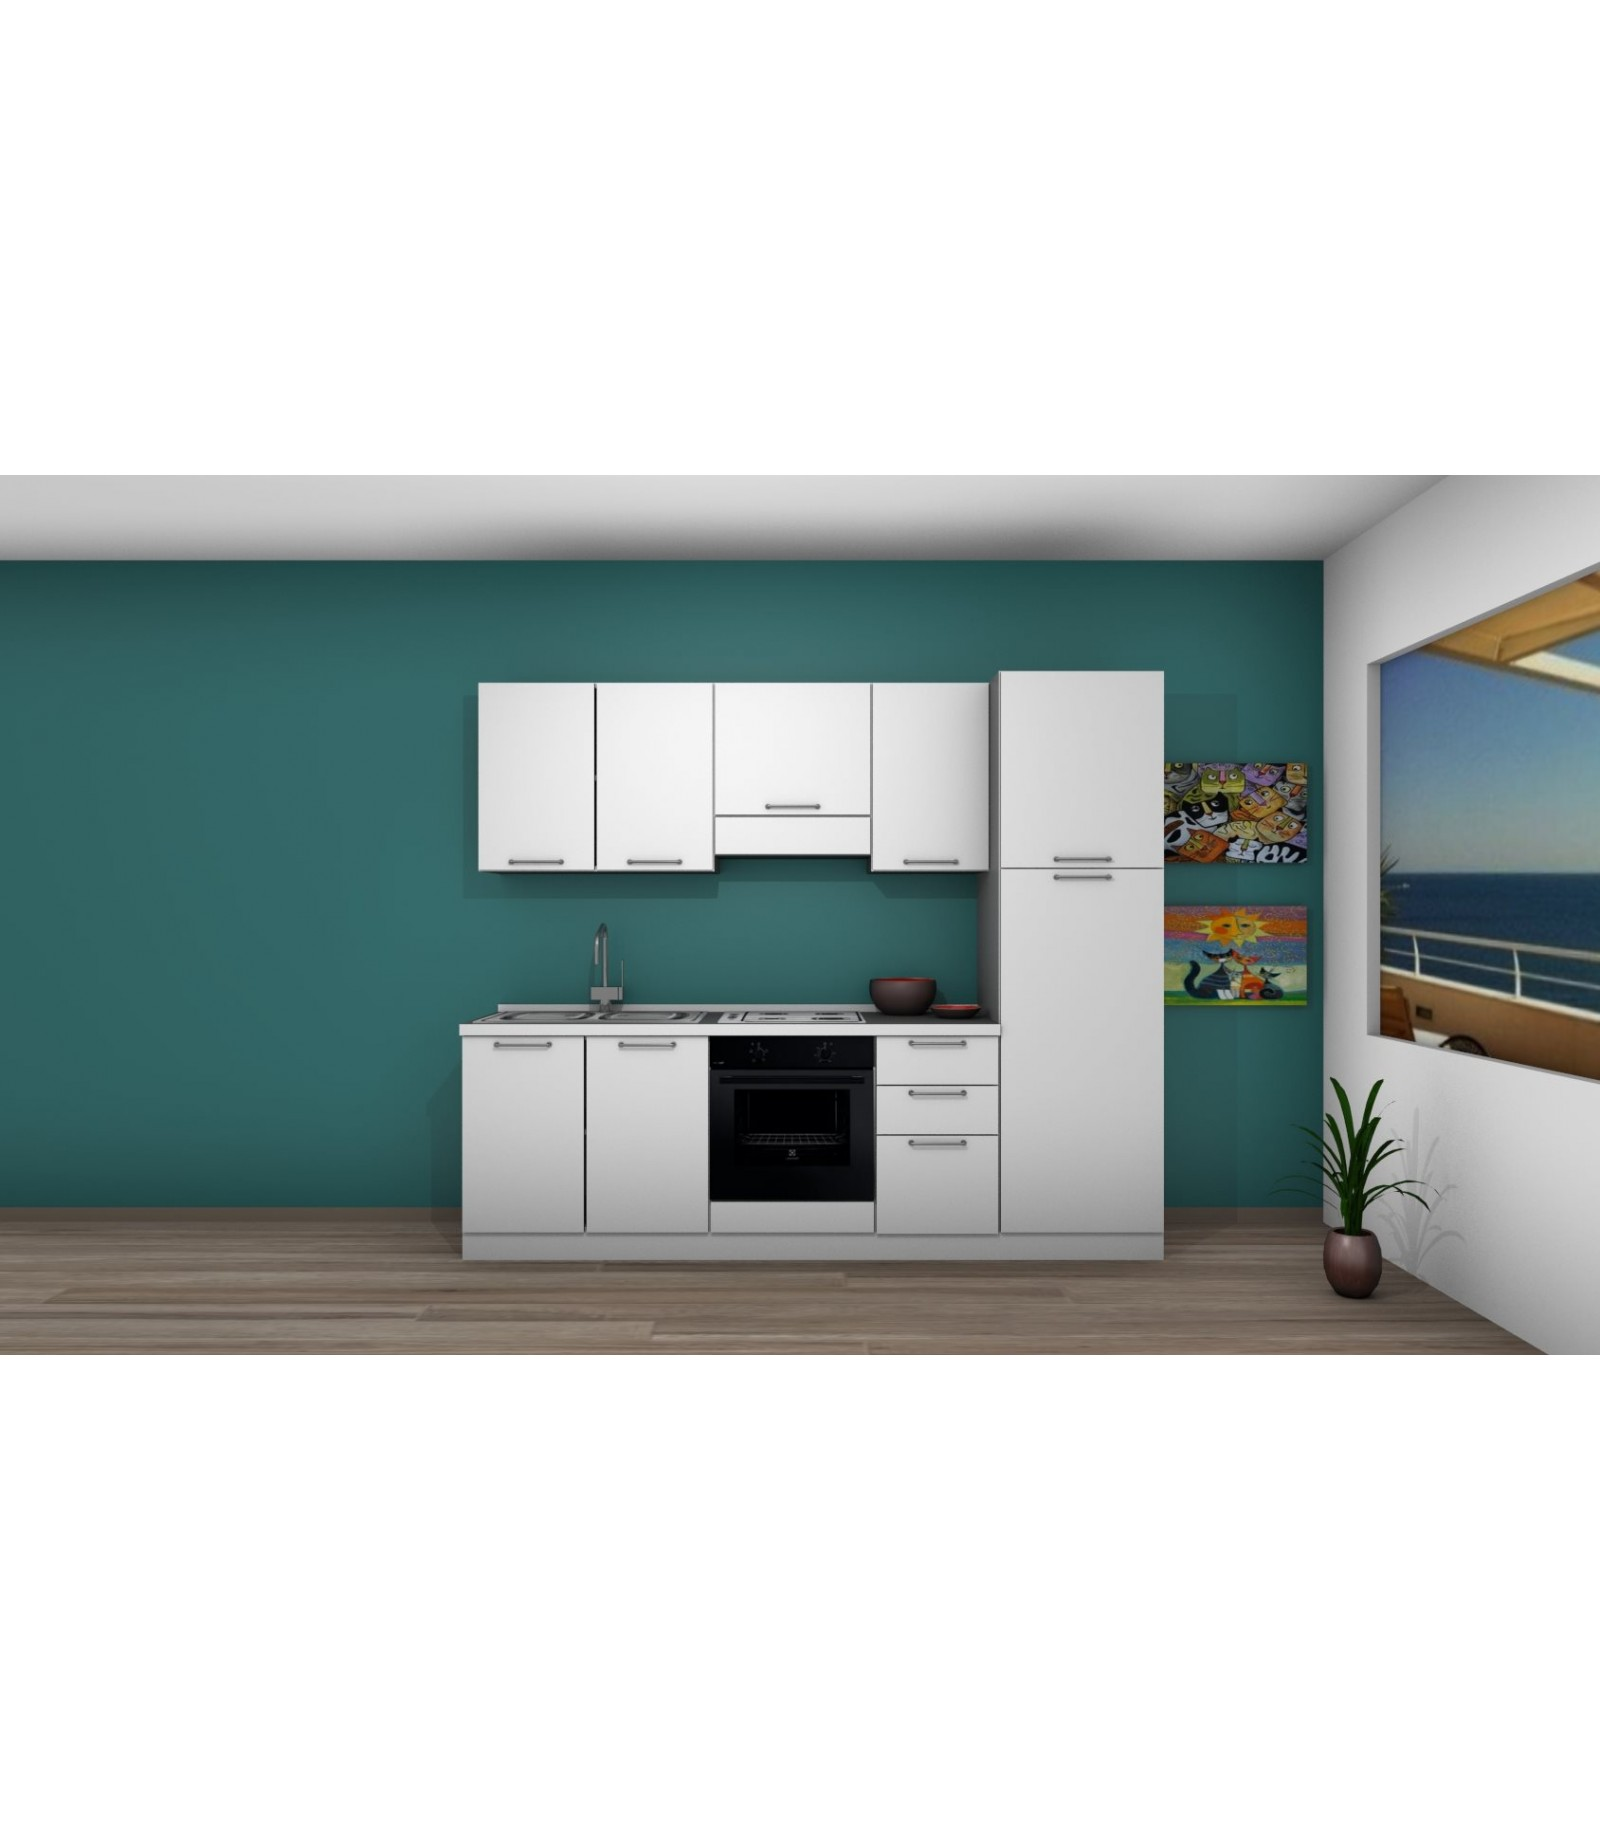 Cucina 08 lunghezza 255 cm mariotti casa - Lunghezza cucina ...